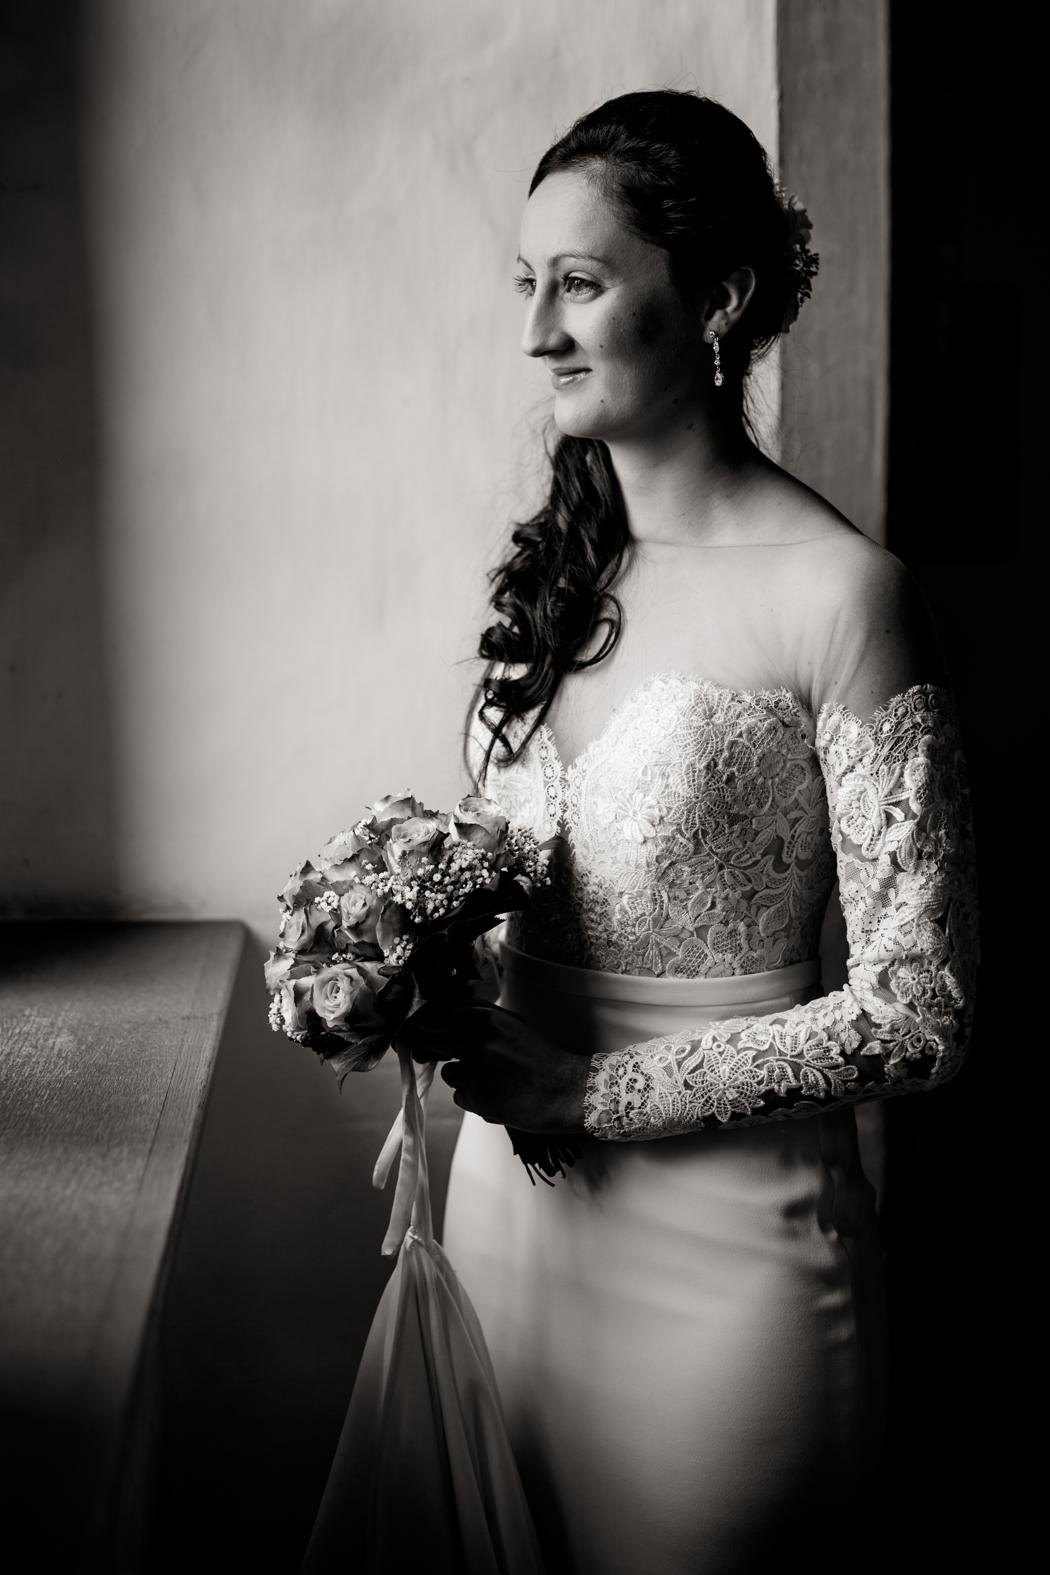 Hochzeitsfotos-Saalfeld-Voigtlaender-Zeuner (9)